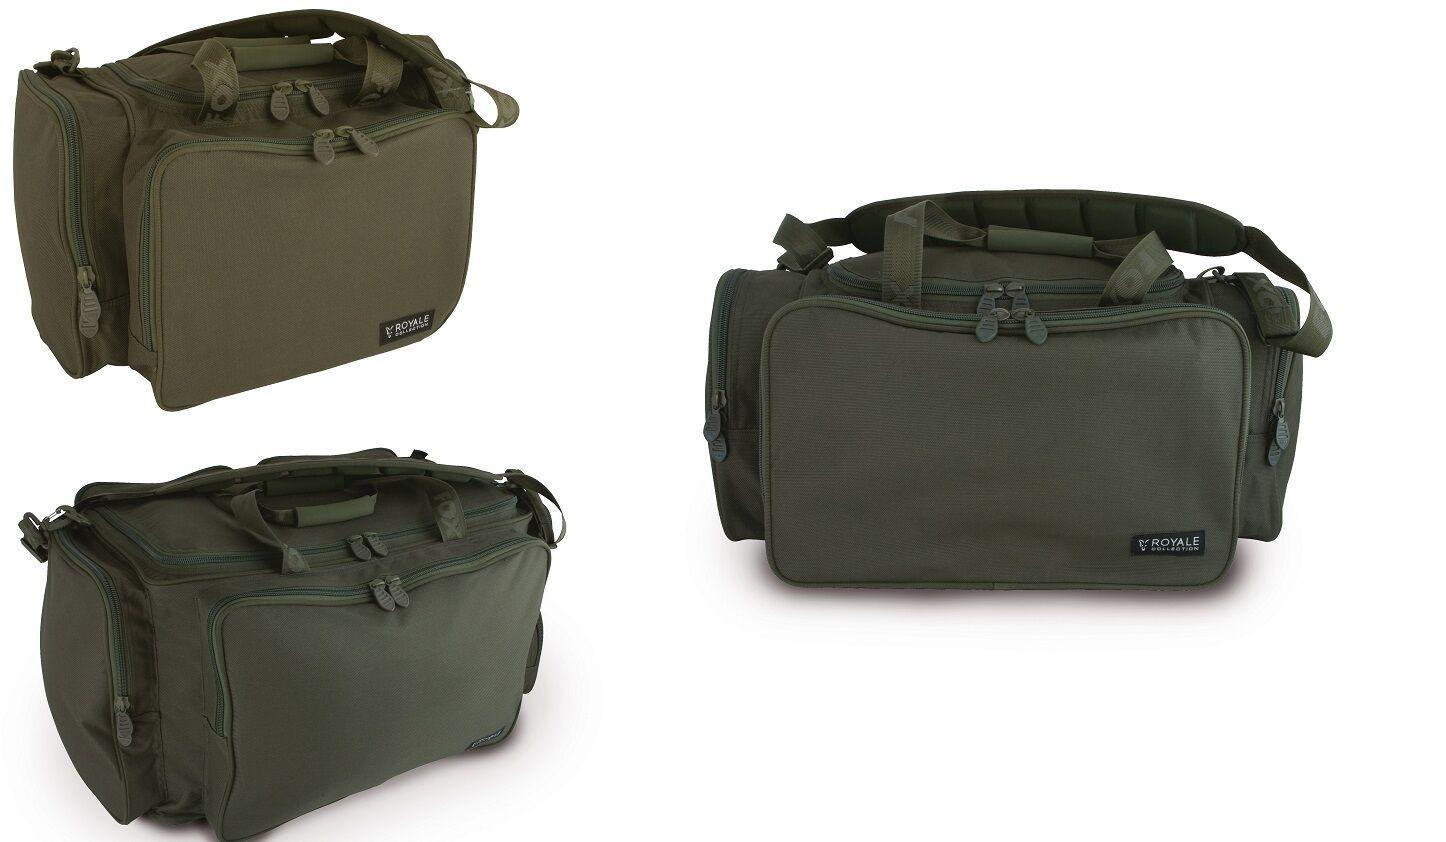 Fox Royale Carryall Tasche Angeltasche Bag  Karpfentasche Zubehörtasche  fashion mall